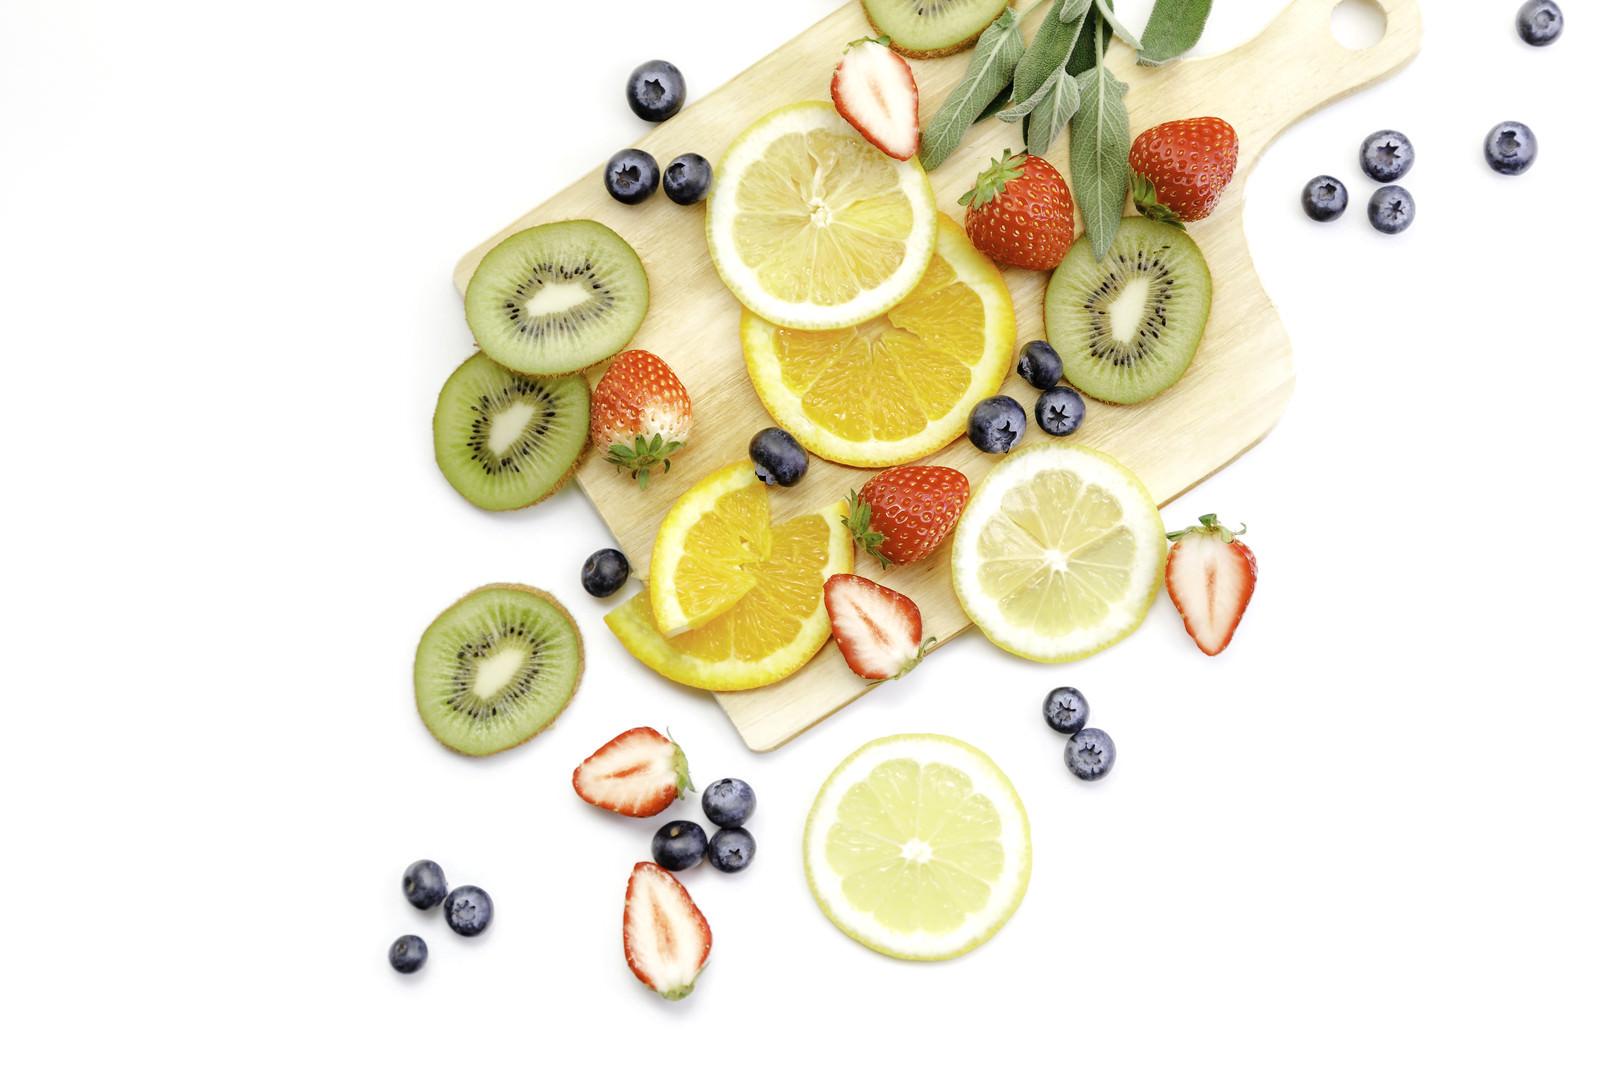 「ビタミンたっぷりの果物」の写真